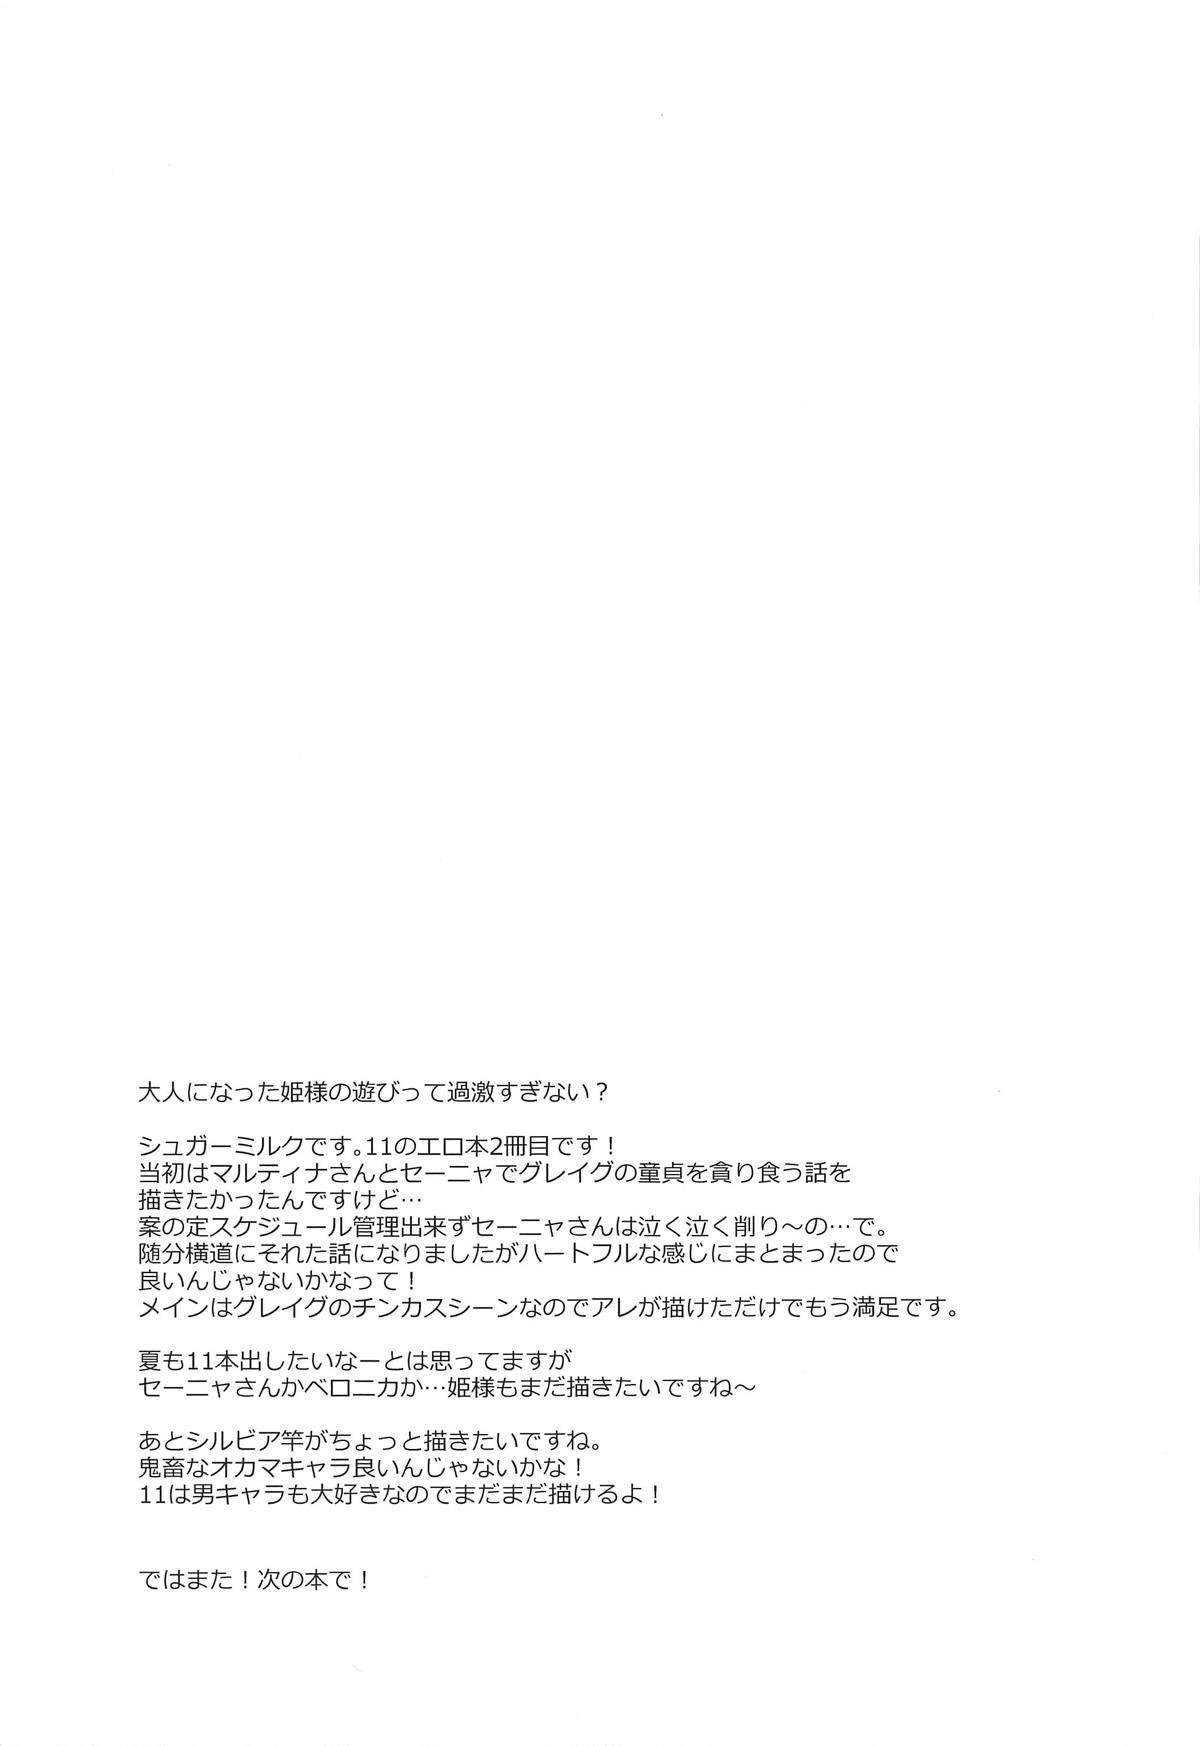 Cherry Fight + Momoiro Omakebon 26